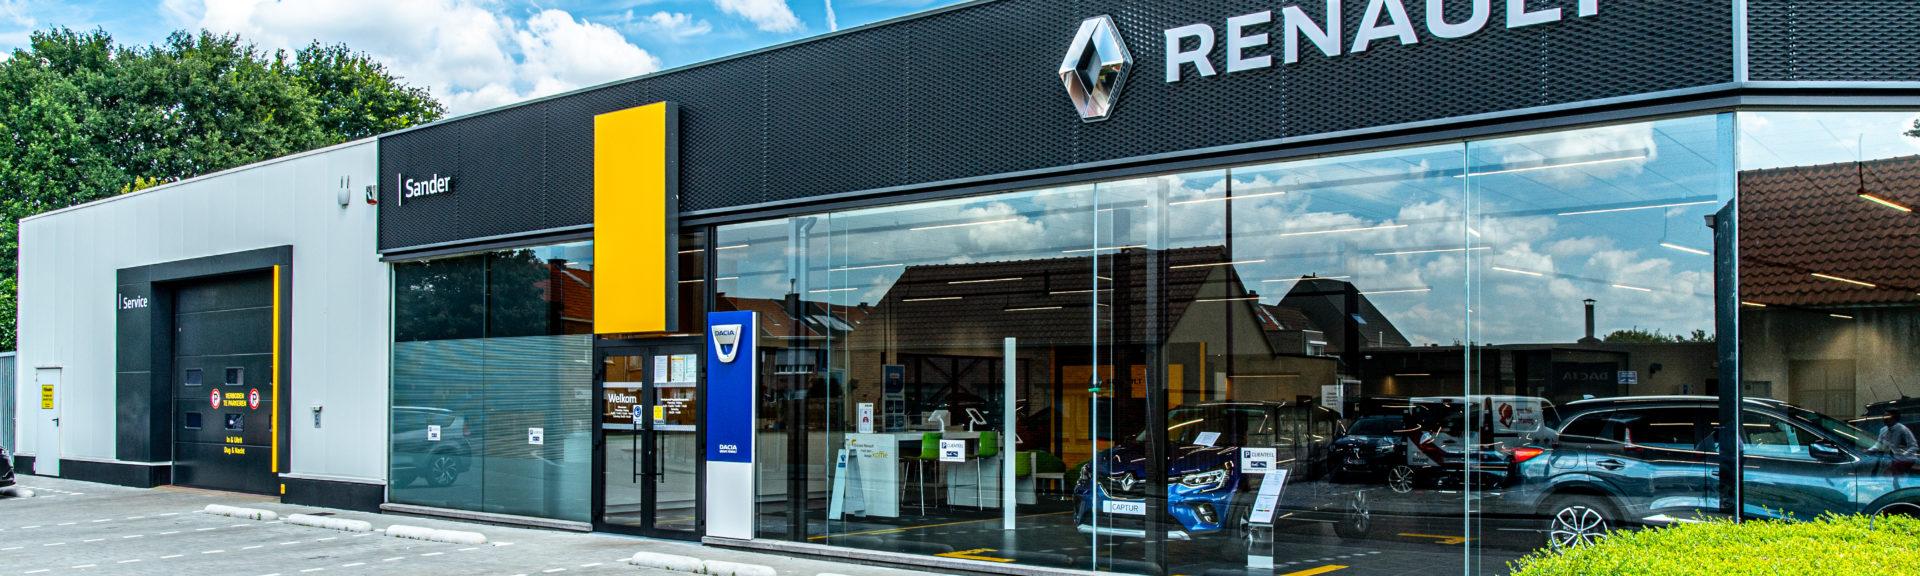 Renault Sander